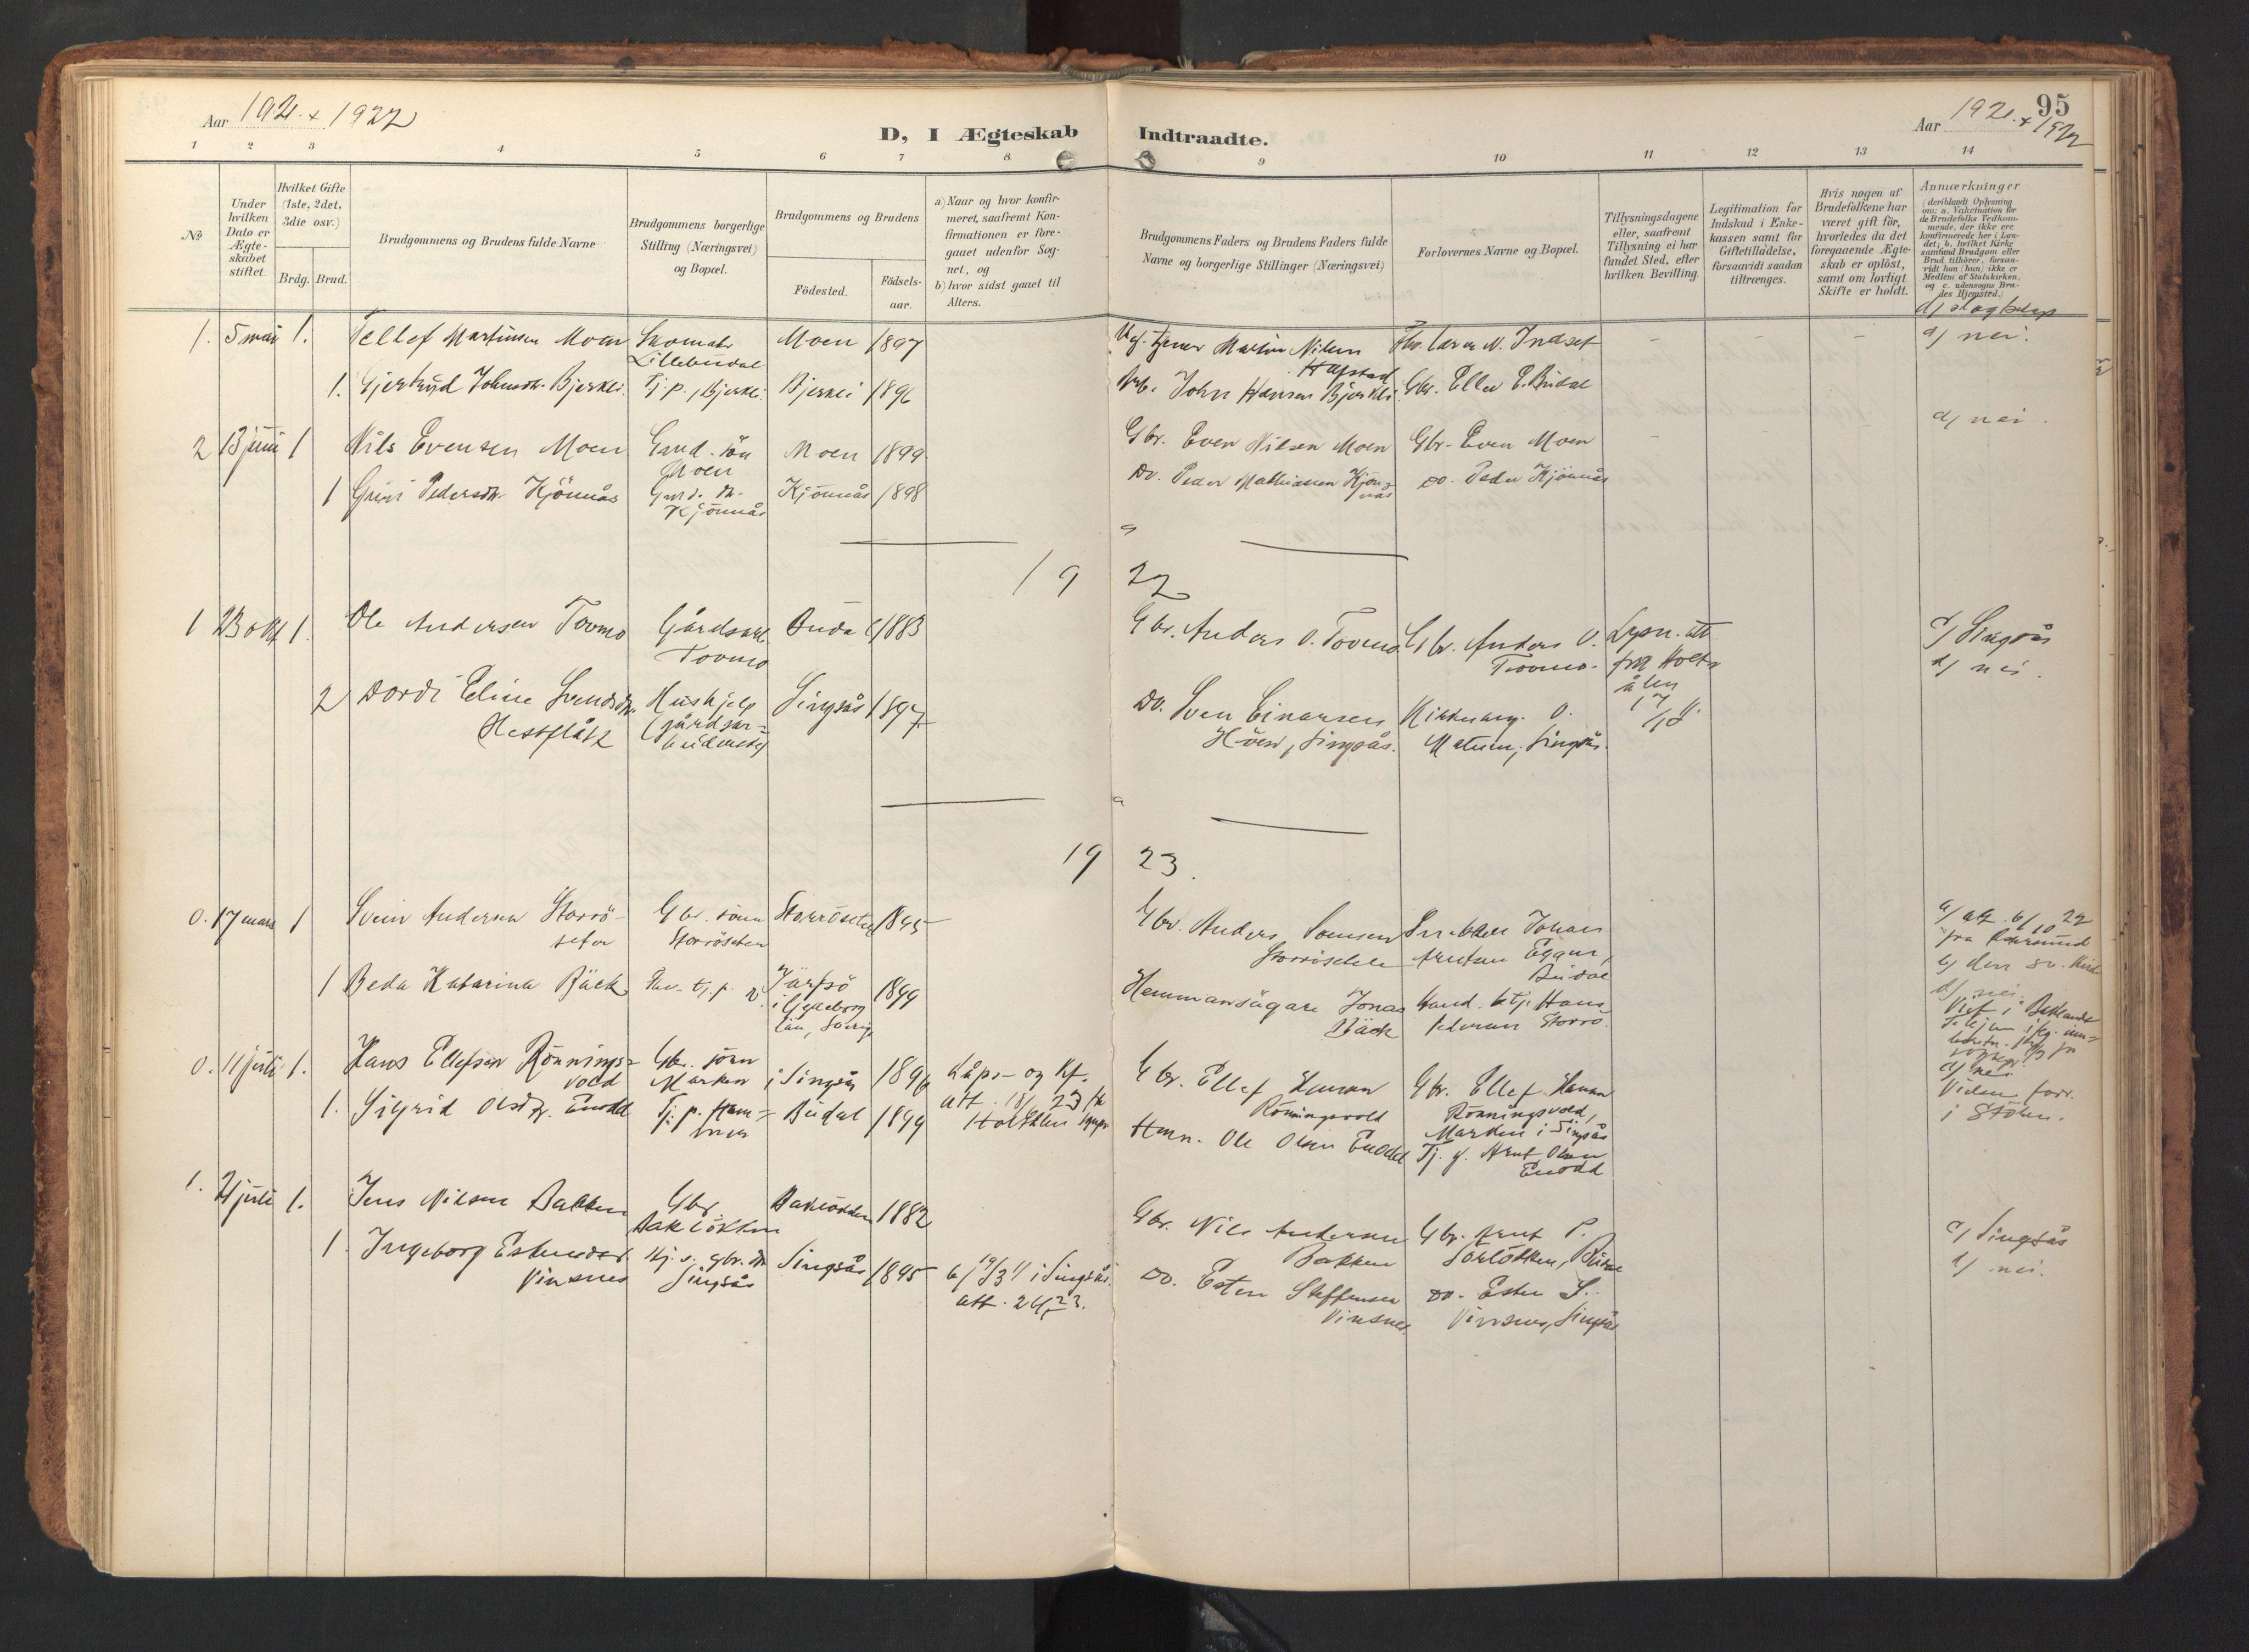 SAT, Ministerialprotokoller, klokkerbøker og fødselsregistre - Sør-Trøndelag, 690/L1050: Ministerialbok nr. 690A01, 1889-1929, s. 95